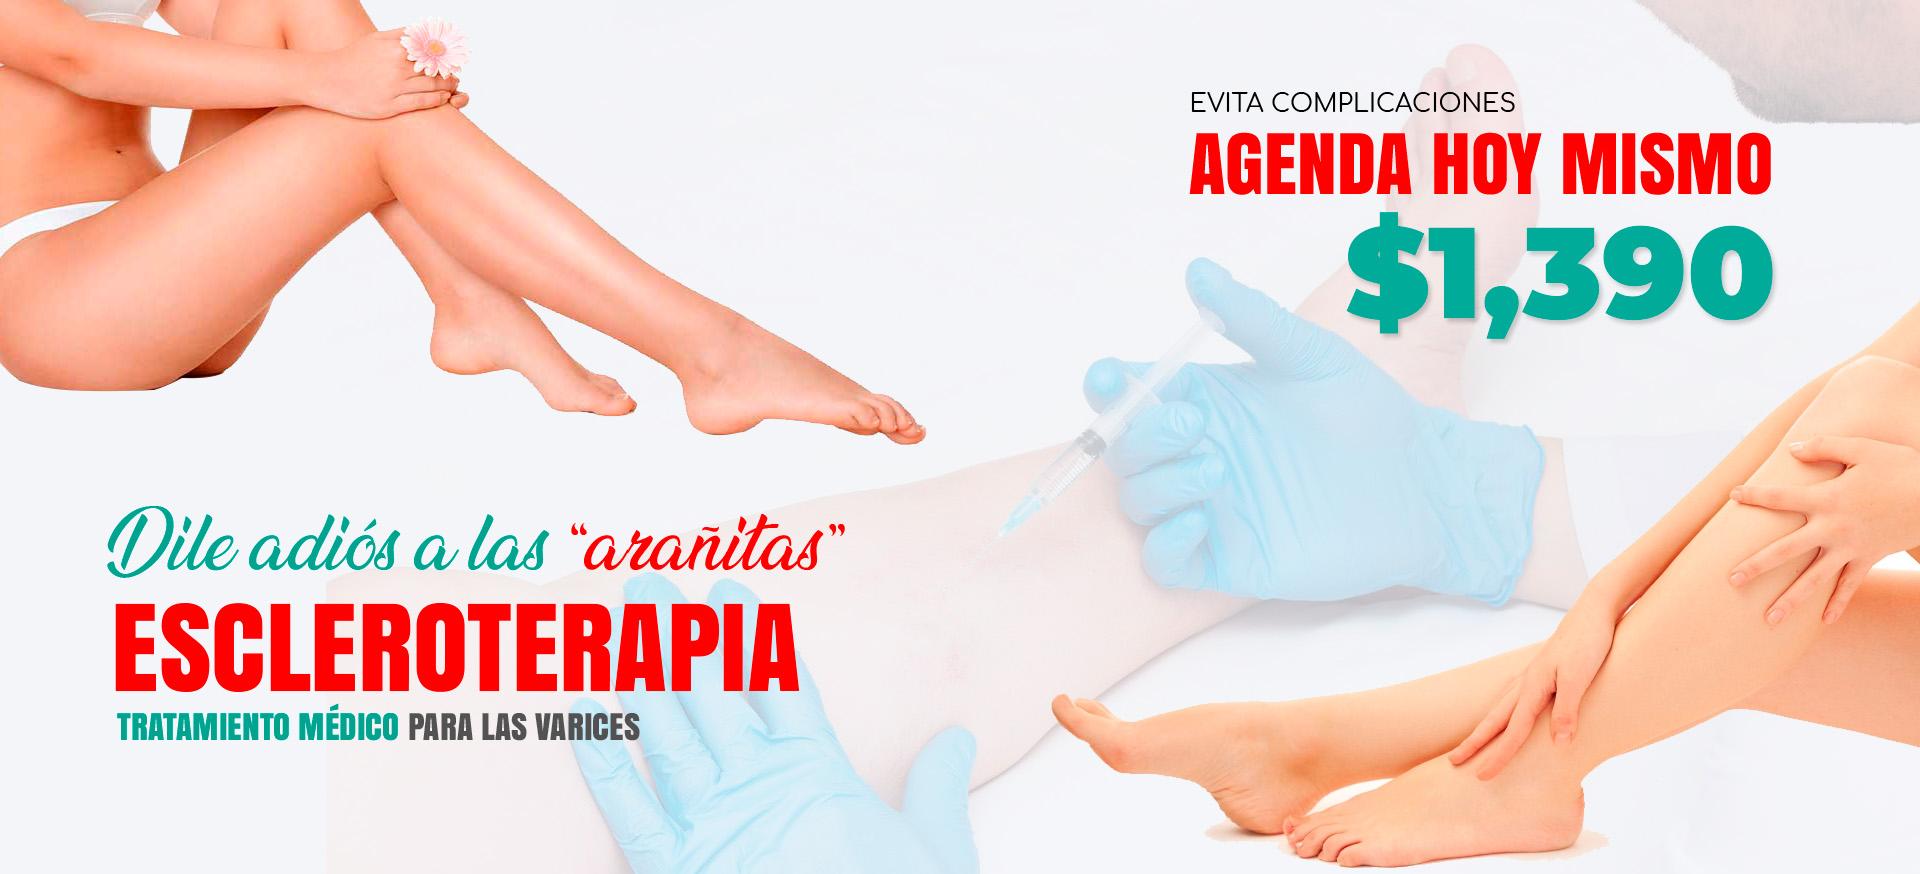 Clinicas de varices en Querétaro